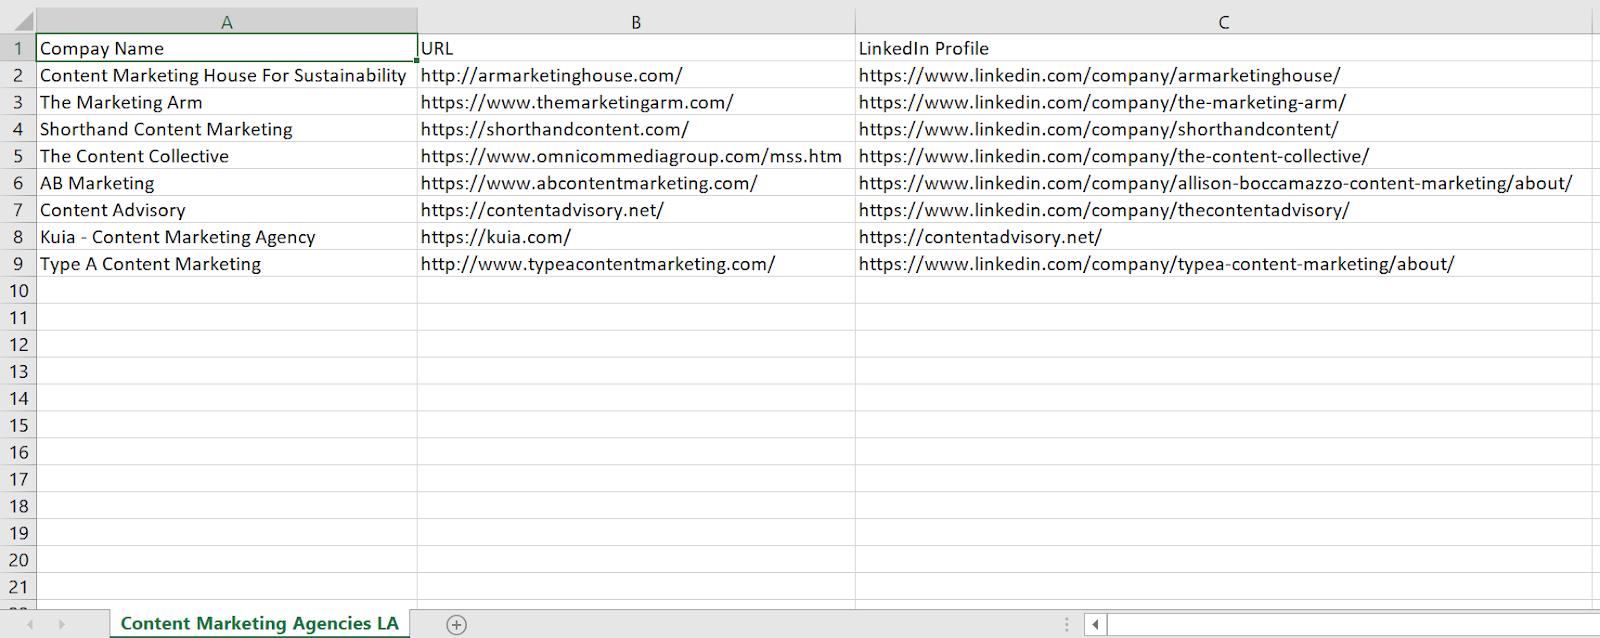 Examples of LA Content Marketing Agencies